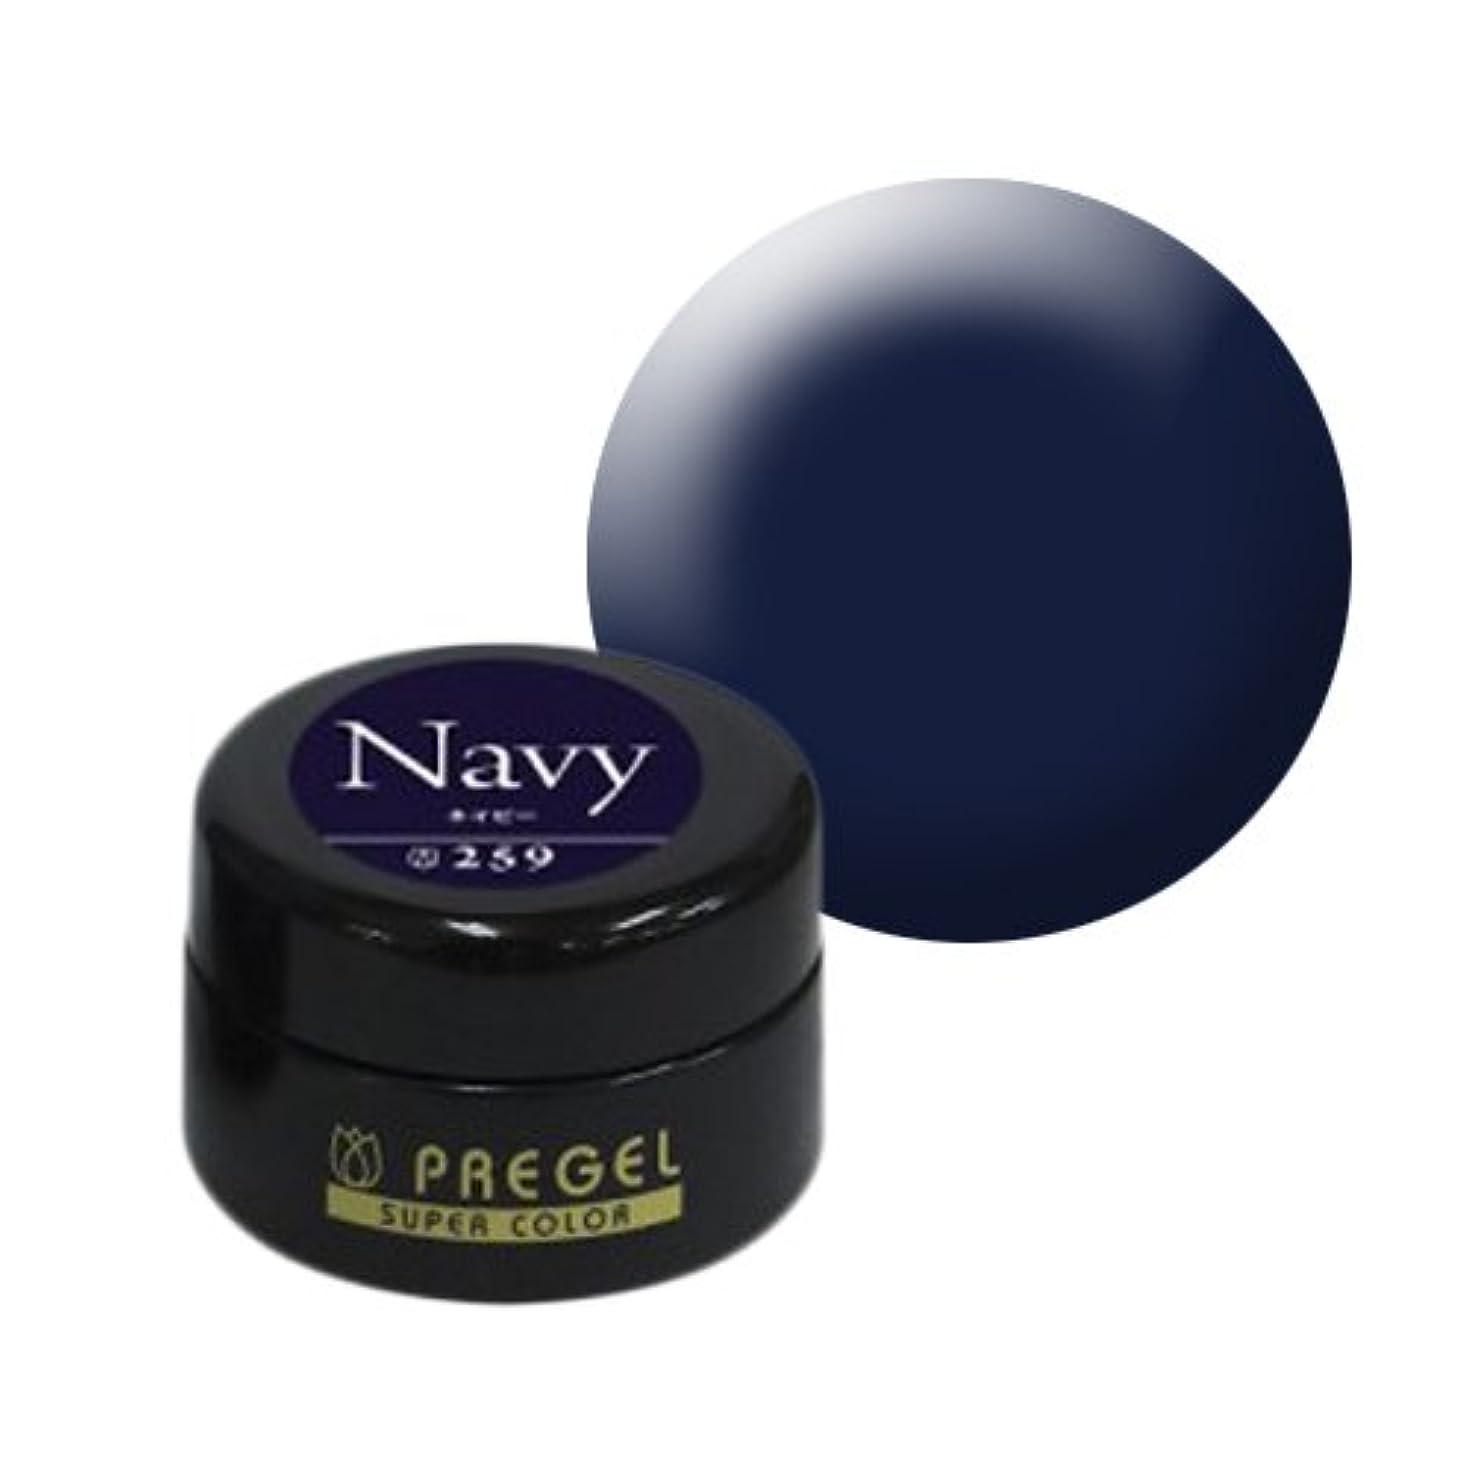 癒すシリーズ曲げる【PREGEL】カラーEx ネイビー / PG-CE259 【UV&LED】プリジェル カラージェル ジェルネイル用品